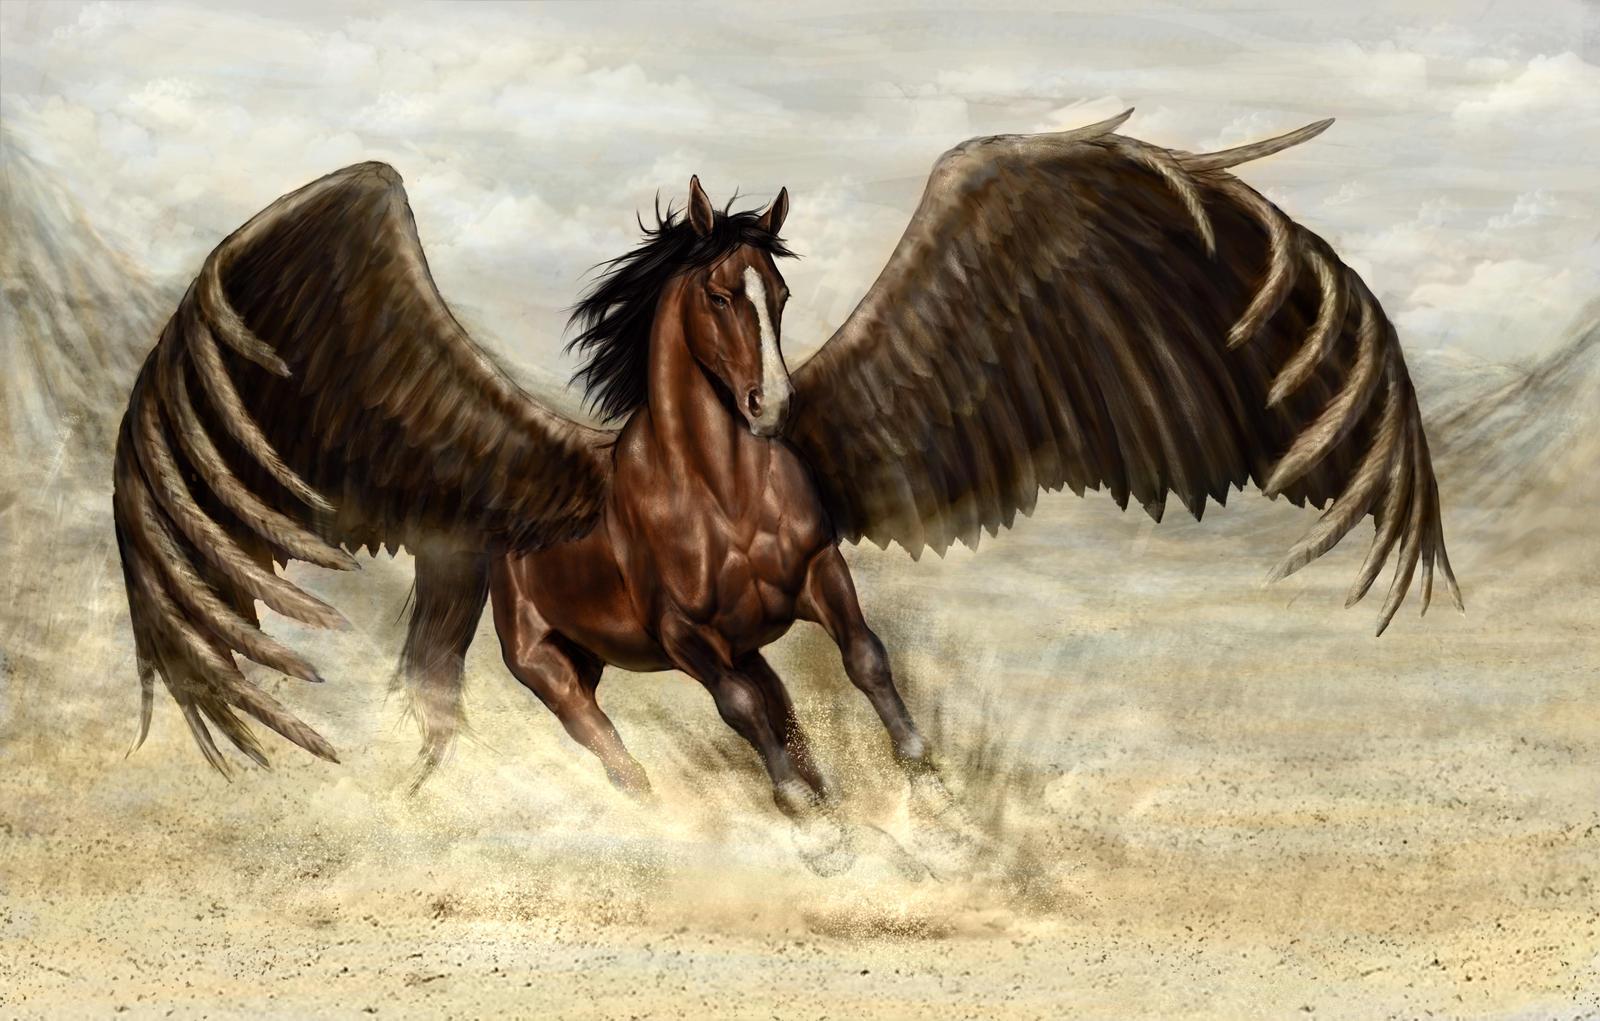 Dhuilin [1,500,000J] Horse_with_wings_by_danilolatino_d5cb8ev-fullview.jpg?token=eyJ0eXAiOiJKV1QiLCJhbGciOiJIUzI1NiJ9.eyJzdWIiOiJ1cm46YXBwOjdlMGQxODg5ODIyNjQzNzNhNWYwZDQxNWVhMGQyNmUwIiwiaXNzIjoidXJuOmFwcDo3ZTBkMTg4OTgyMjY0MzczYTVmMGQ0MTVlYTBkMjZlMCIsIm9iaiI6W1t7ImhlaWdodCI6Ijw9MTAyMSIsInBhdGgiOiJcL2ZcLzRhOGIzZjA4LTE3MWItNGQxYi05OTA3LWE4ZDI1MjBiYjBhOFwvZDVjYjhldi0wZGM4MmYzNC04YTNmLTQ5NzQtODc5Ni1lNWQ5Yzg4YTFlNzEuanBnIiwid2lkdGgiOiI8PTE2MDAifV1dLCJhdWQiOlsidXJuOnNlcnZpY2U6aW1hZ2Uub3BlcmF0aW9ucyJdfQ